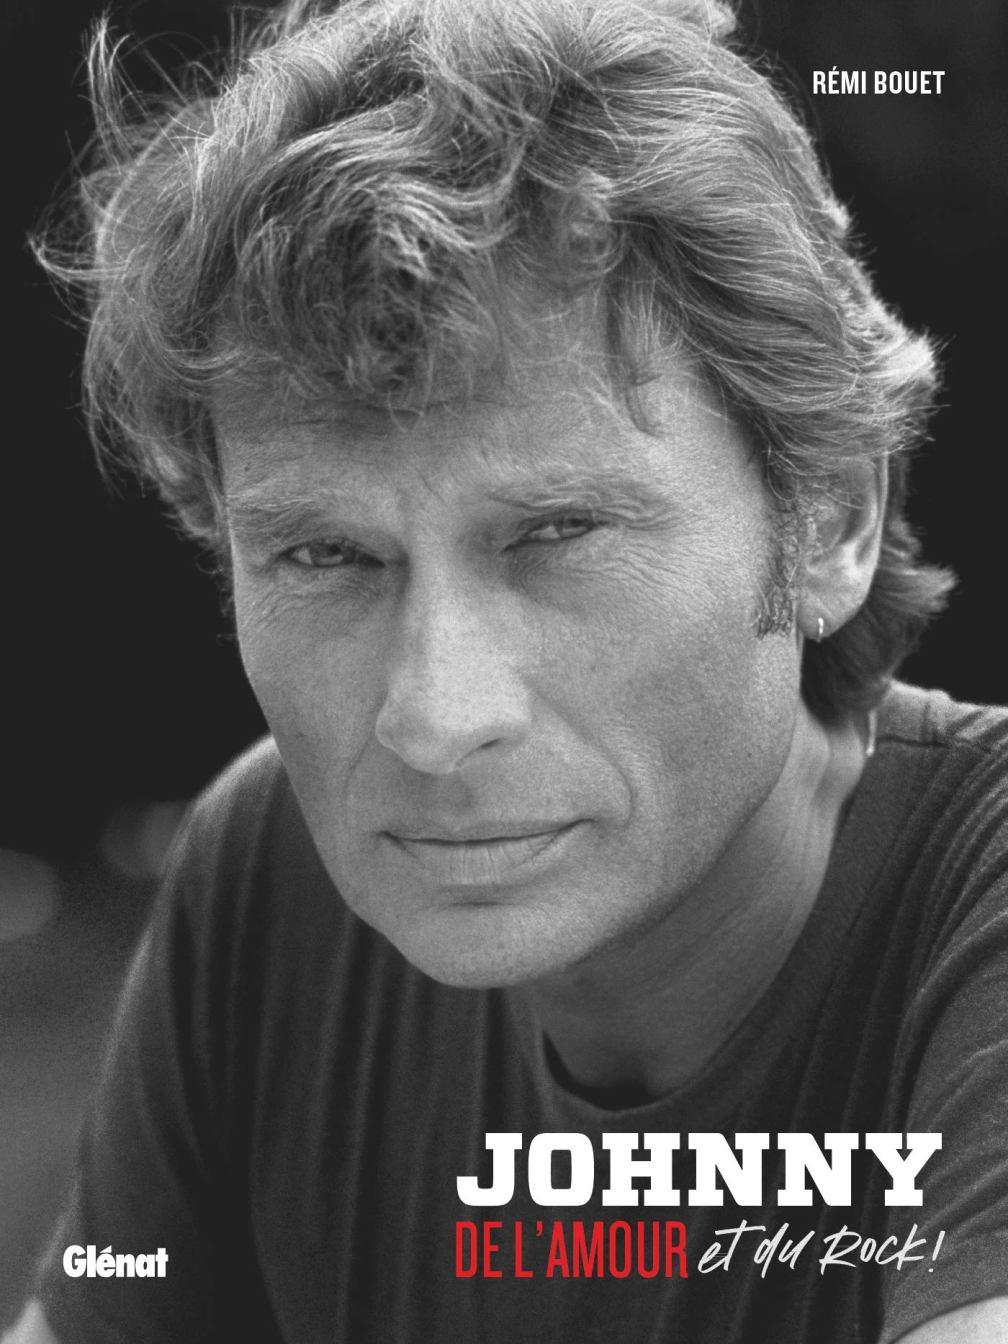 Les Livres sur Johnny - Page 4 81actu10